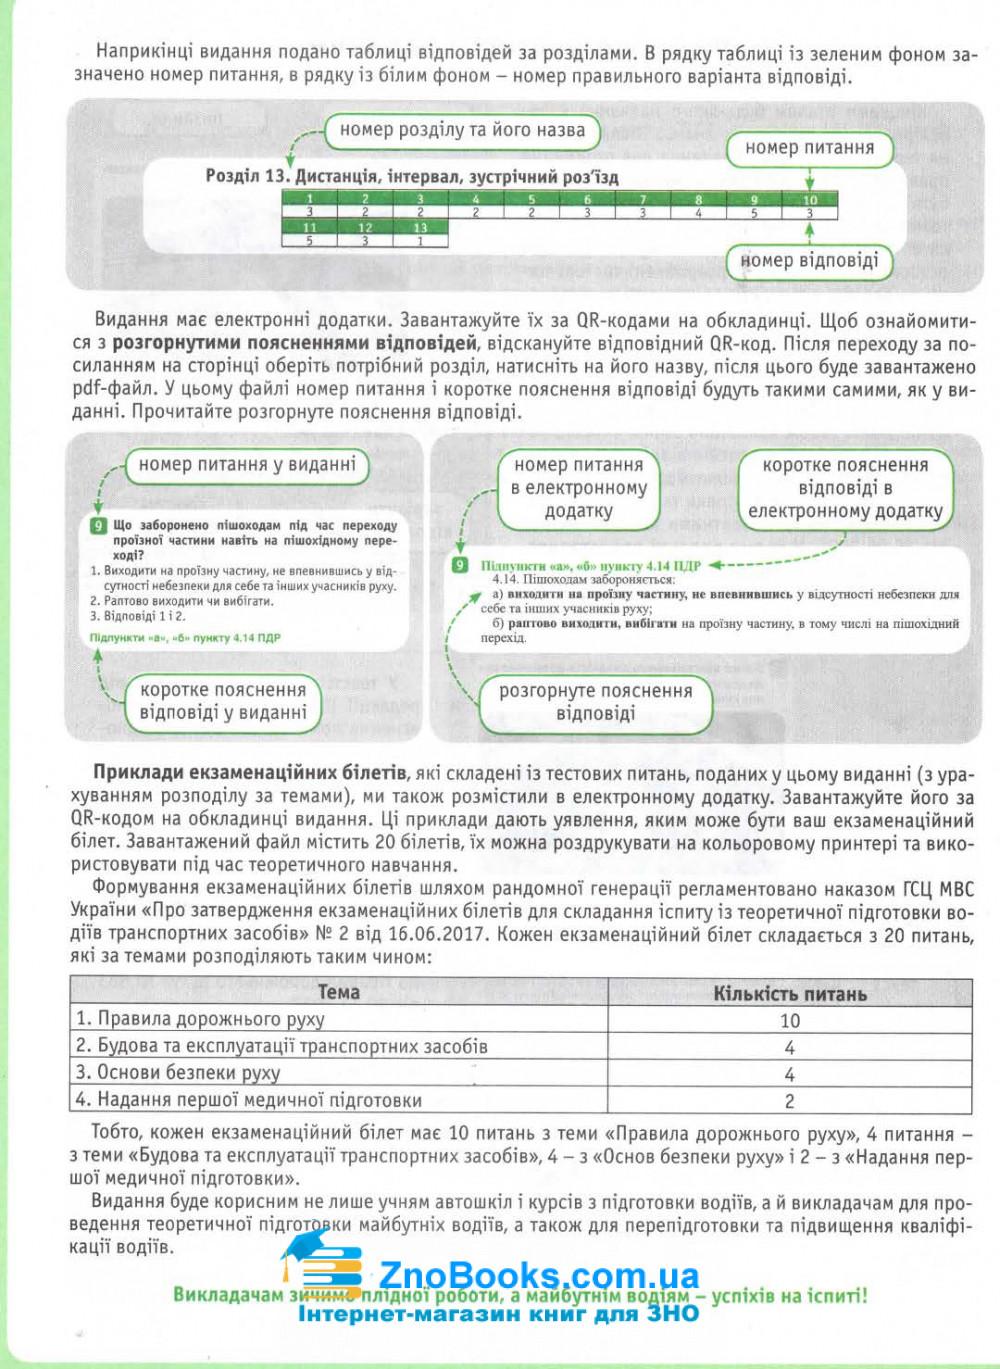 Тестові питання до екзаменаційних білетів для складання іспиту з ПДР : відповідає офіційному тексту 3